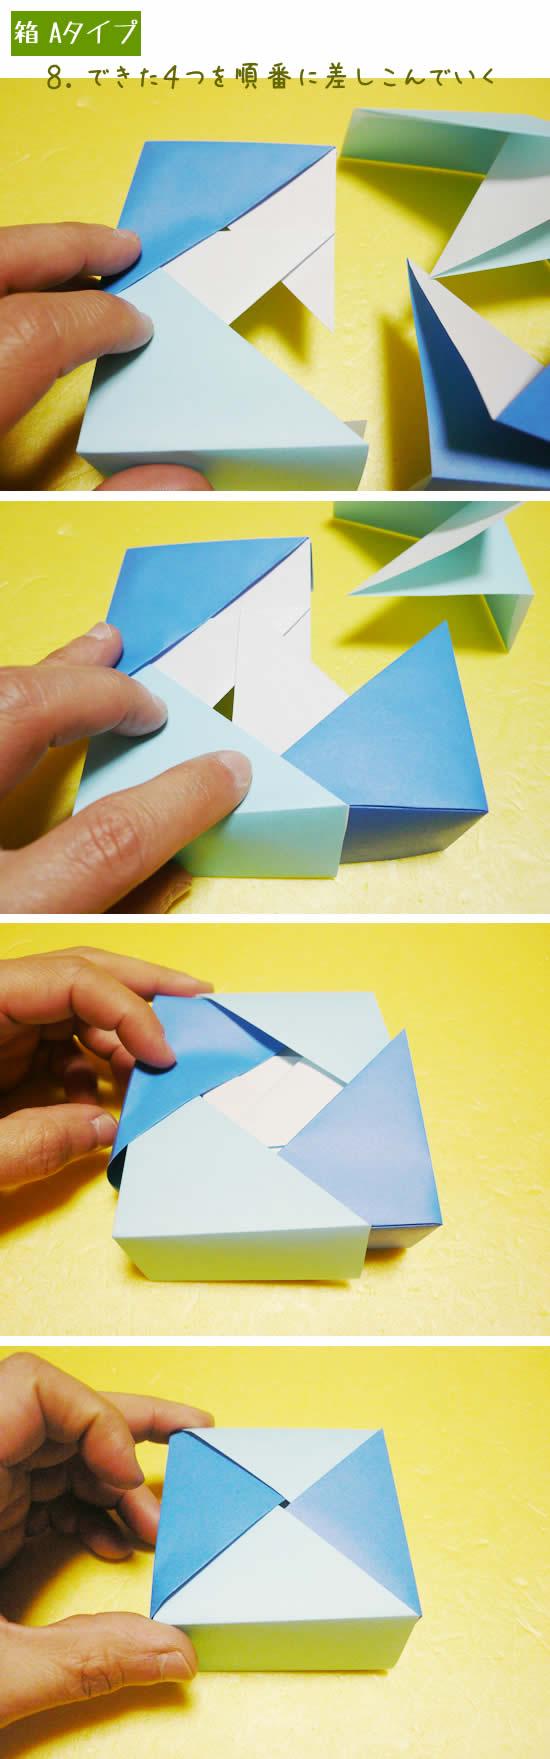 箱 Aタイプの折り方8